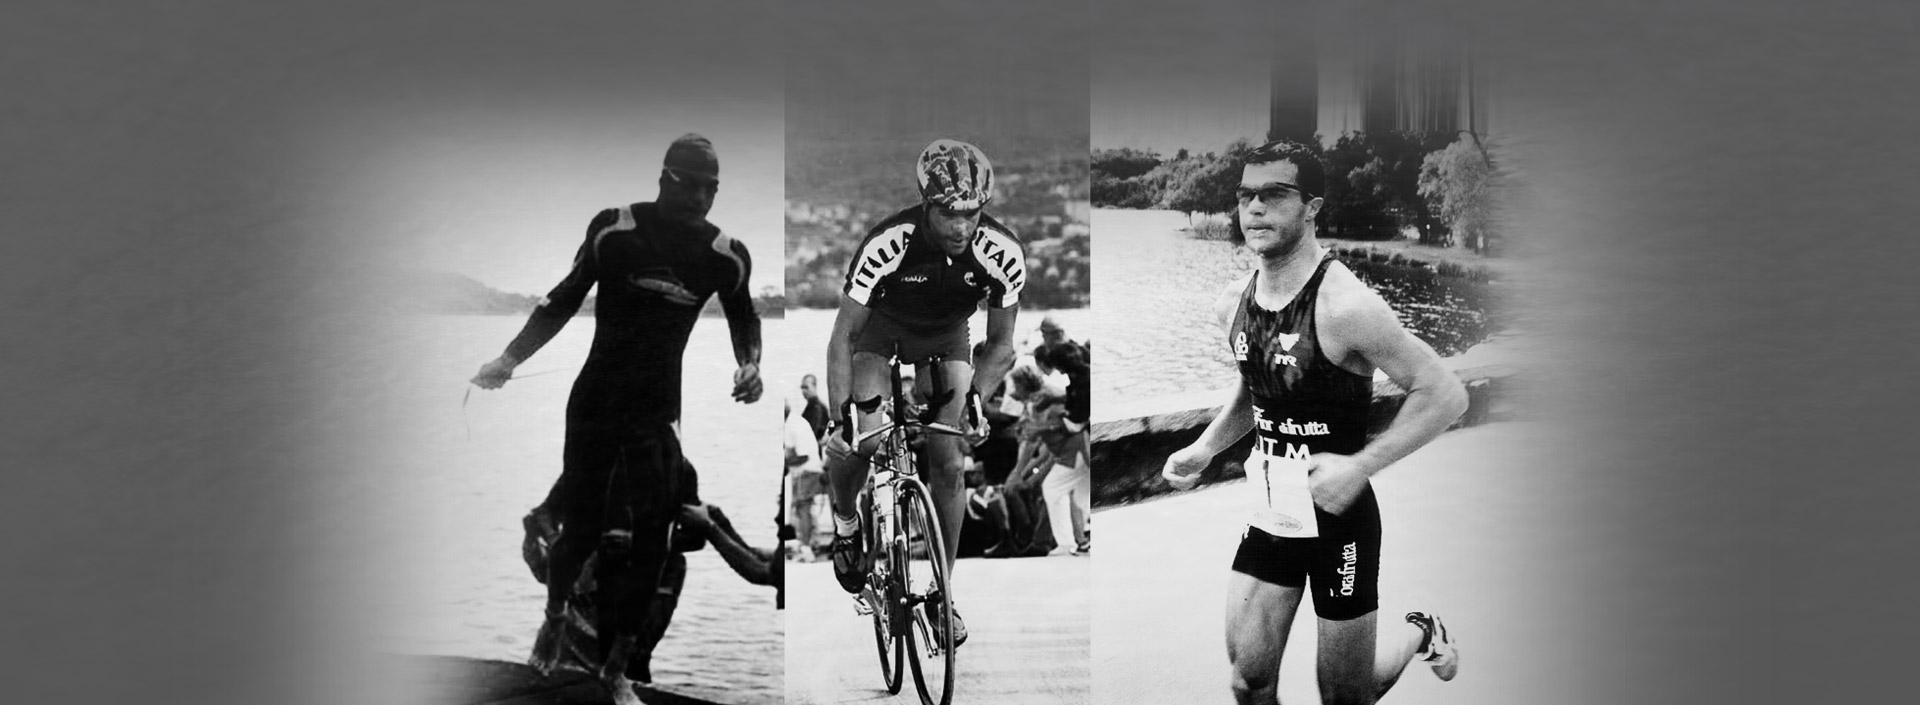 Sfida verso se stessi, ironman, triathlon